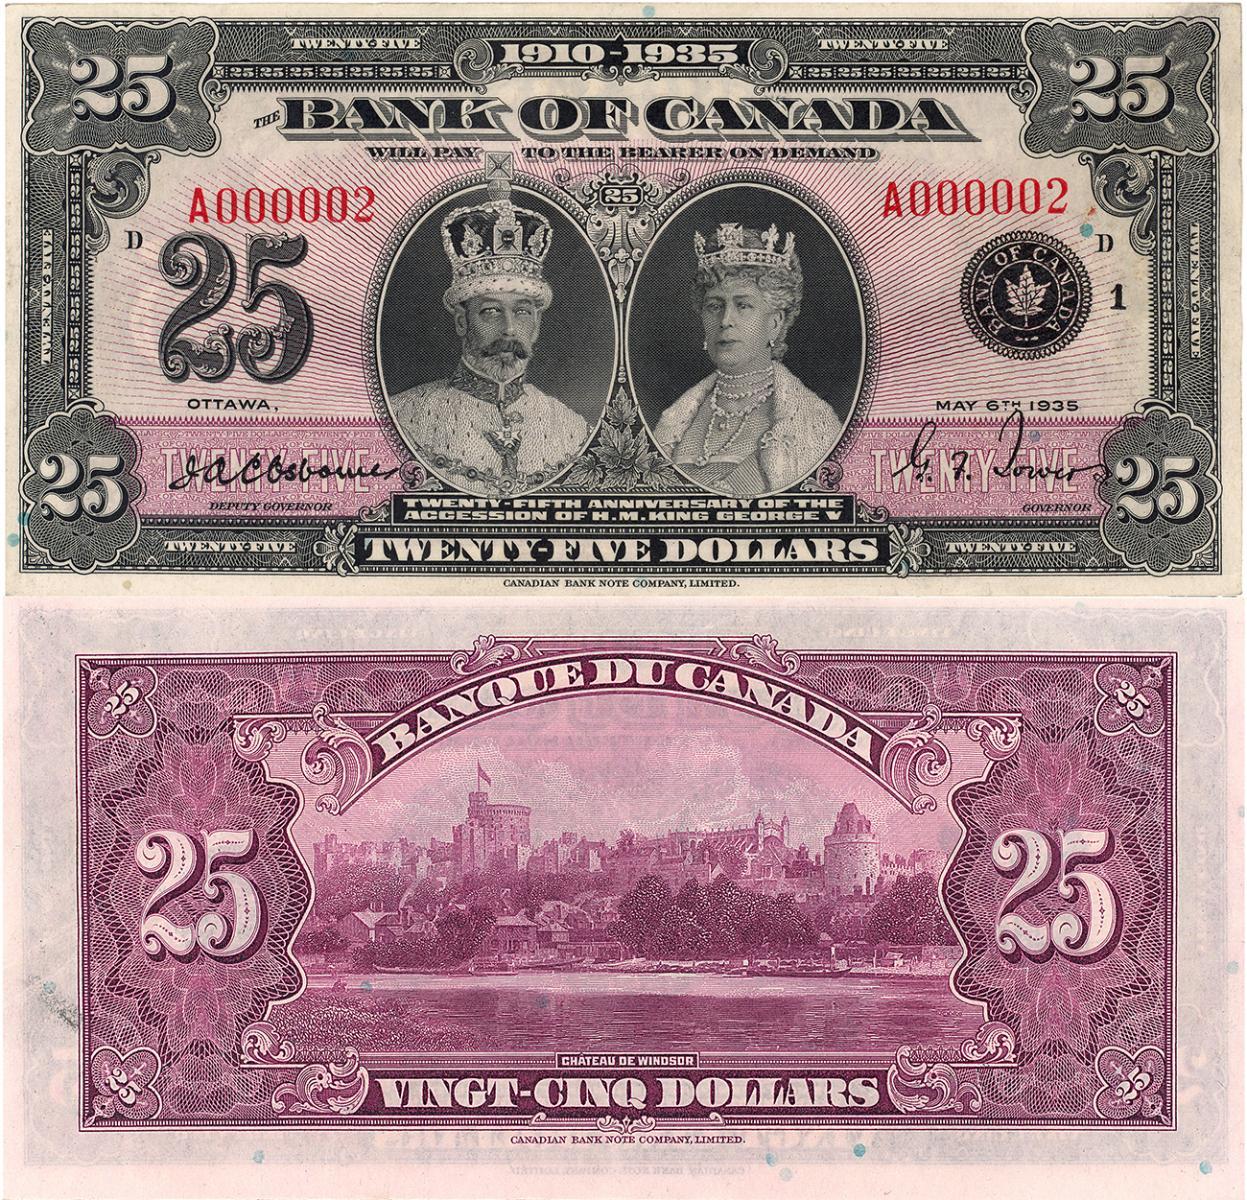 billet de couleur violet clair orné des portraits du roi George V et de la reine Marie